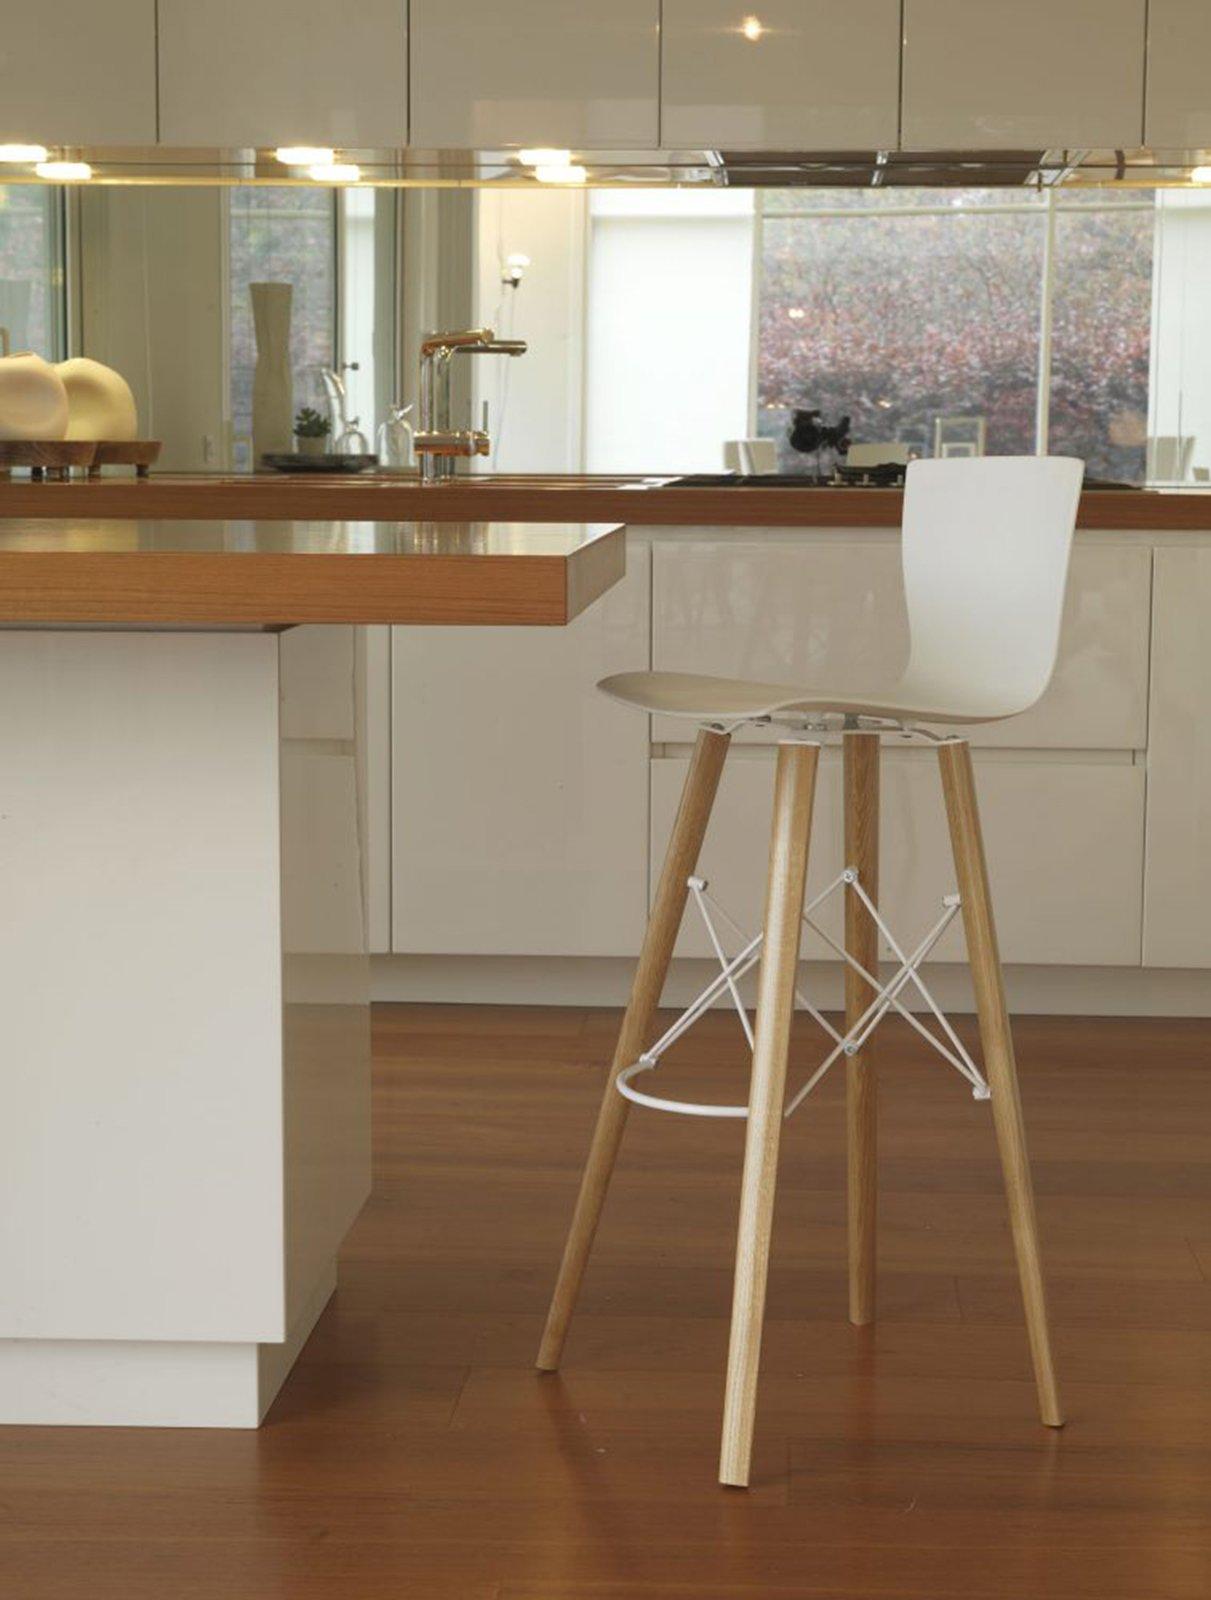 Sgabelli scegli il tuo stile cose di casa for Altezza sgabelli cucina